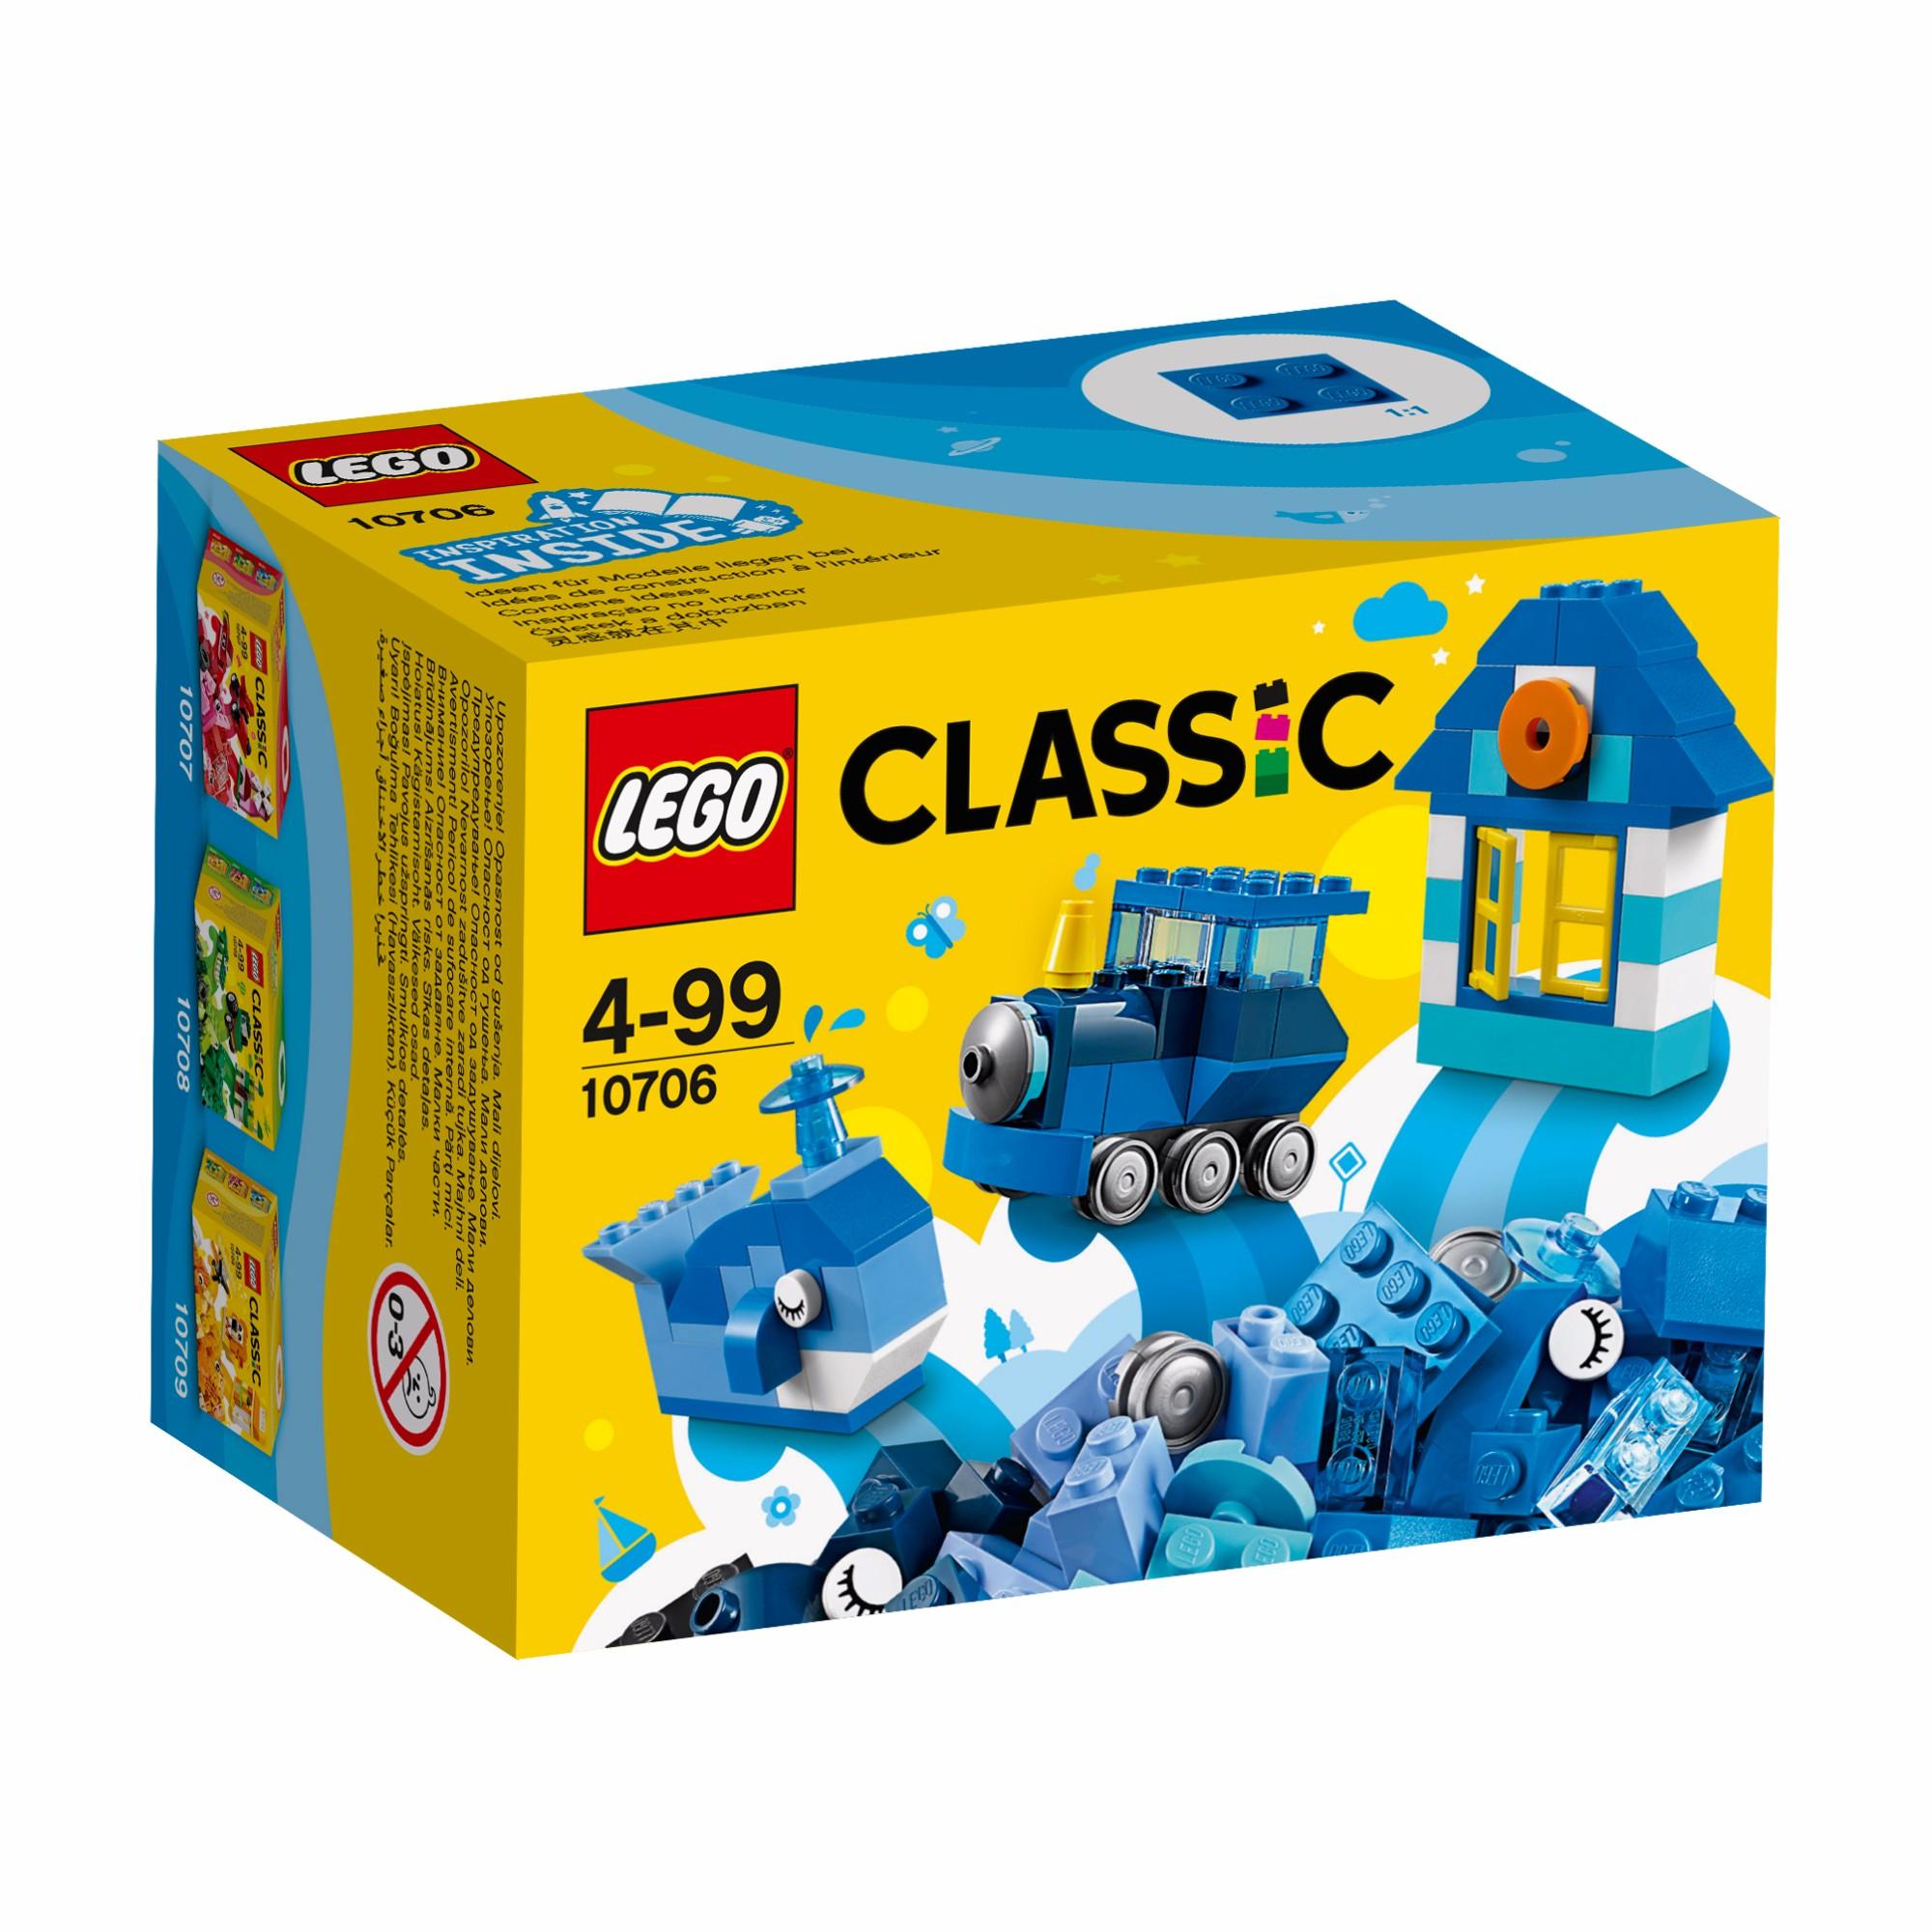 Konstruktorius LEGO CLASSIC Mėlynoji kūrybos dėžutė vaikams nuo 4 metų (10706)